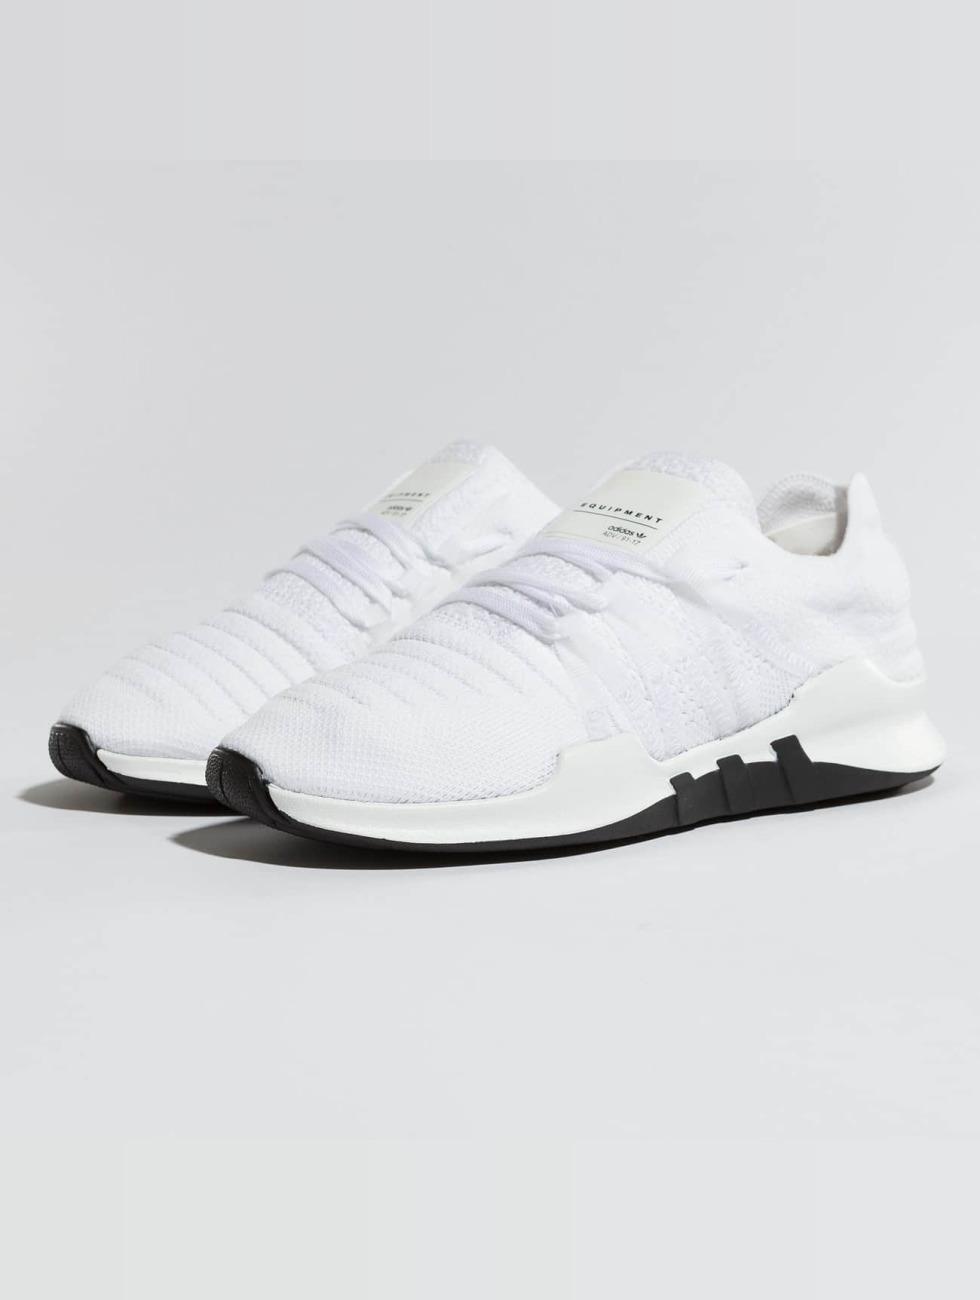 Adidas Originals Schoen / Sneaker Eqt Corsa Adv Pk In Ingegno 436.899 UgwKFsM